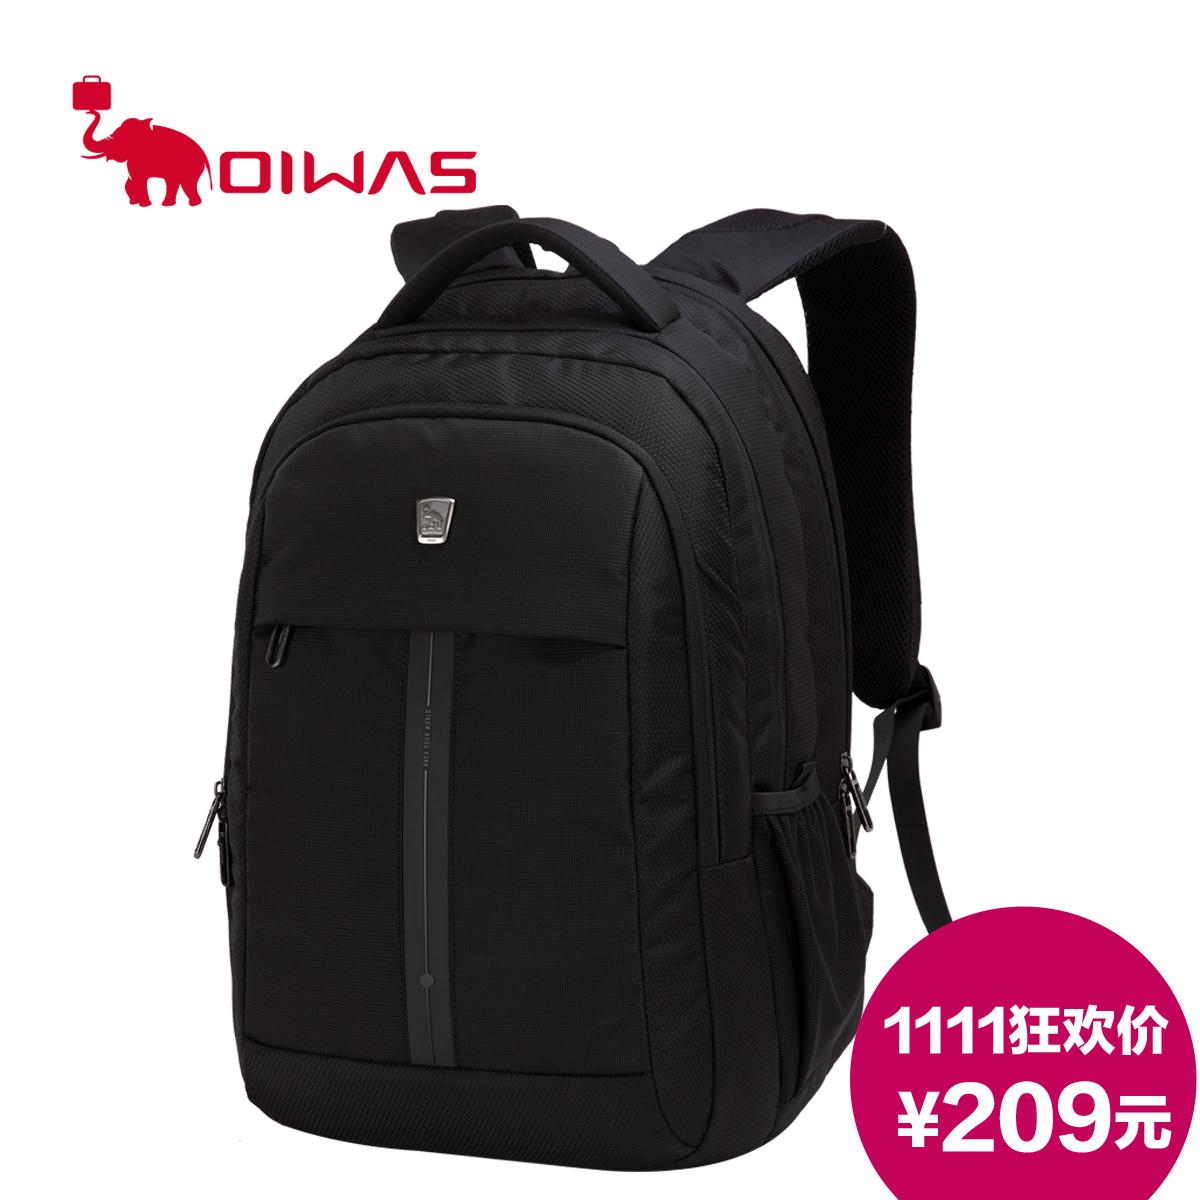 рюкзак Oiwas 414801000000 15